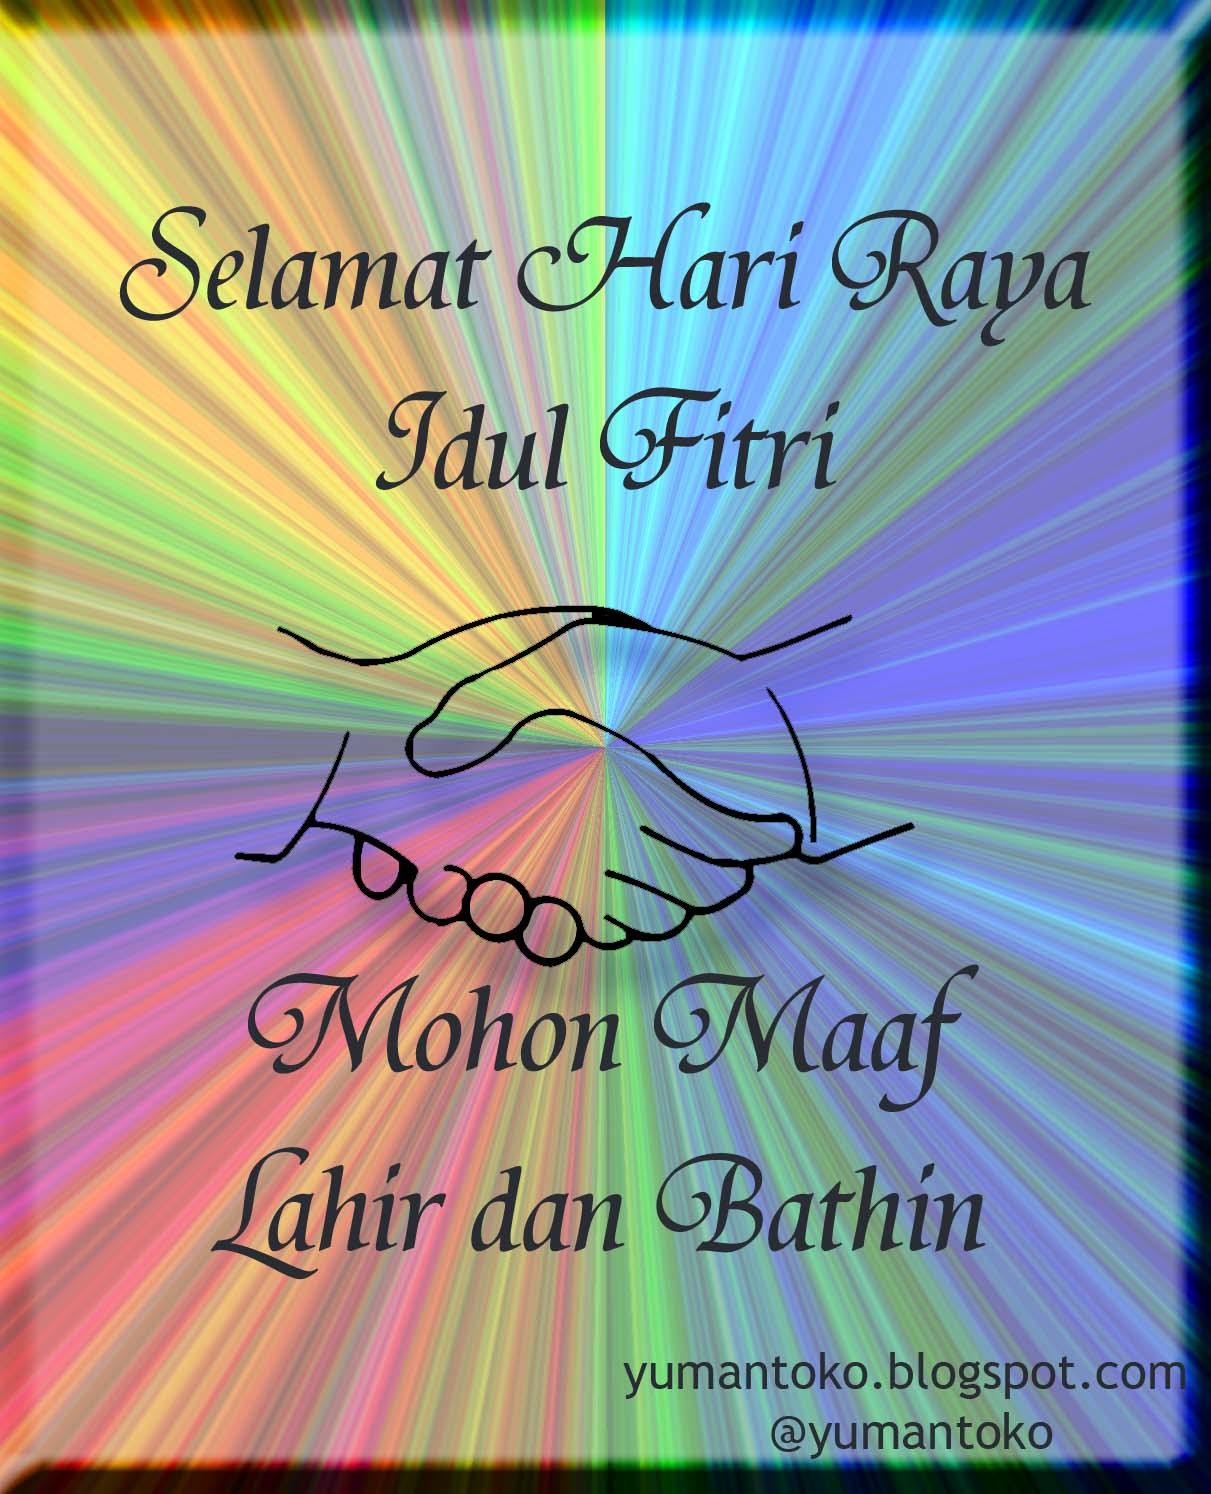 Selamat Hari Raya Idul Fitri: Kartu Ucapan Hari Raya Idul Fitri